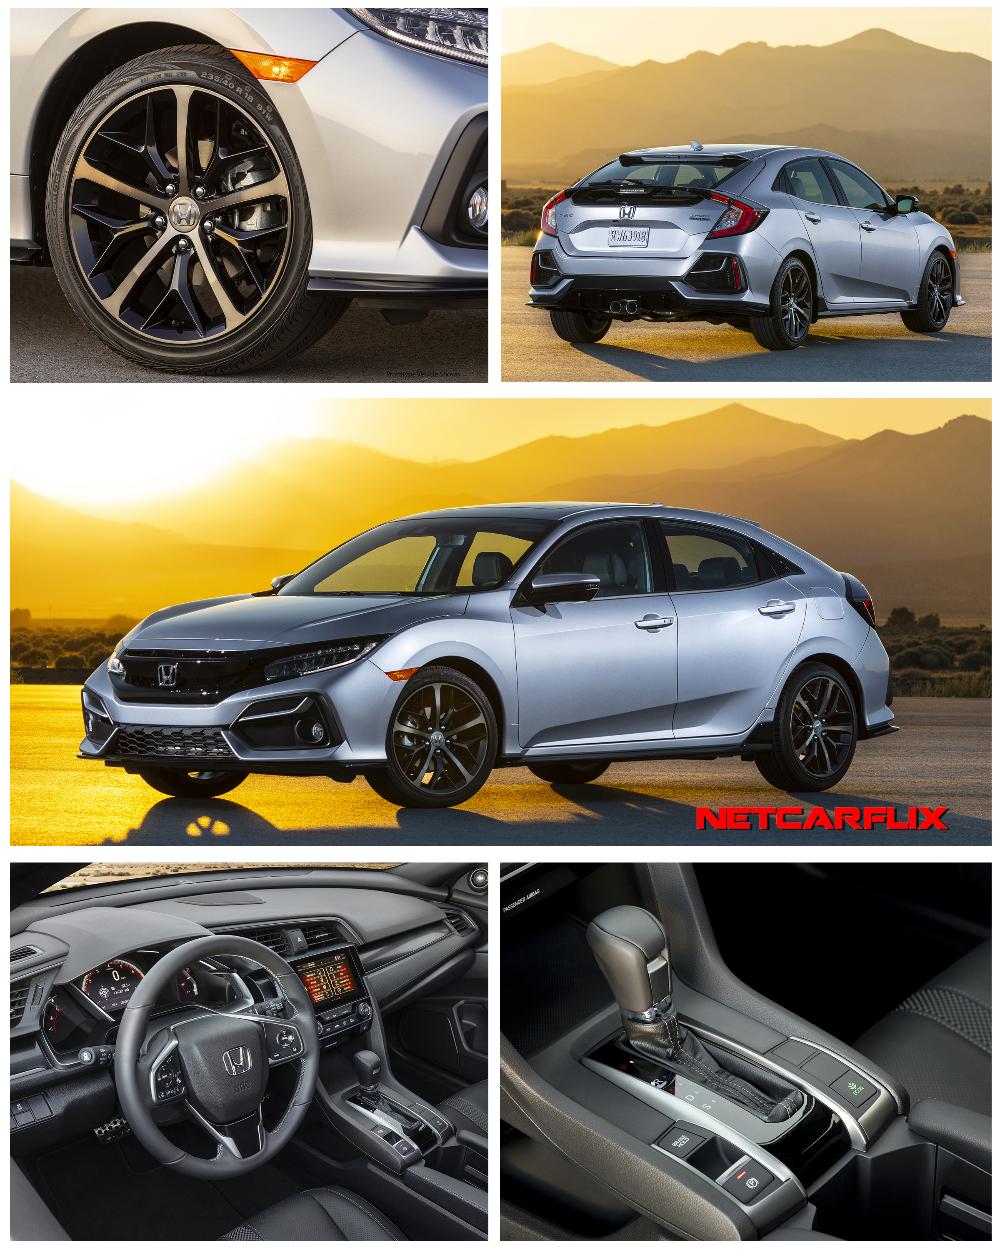 2020 Honda Civic Hatchback Civic hatchback